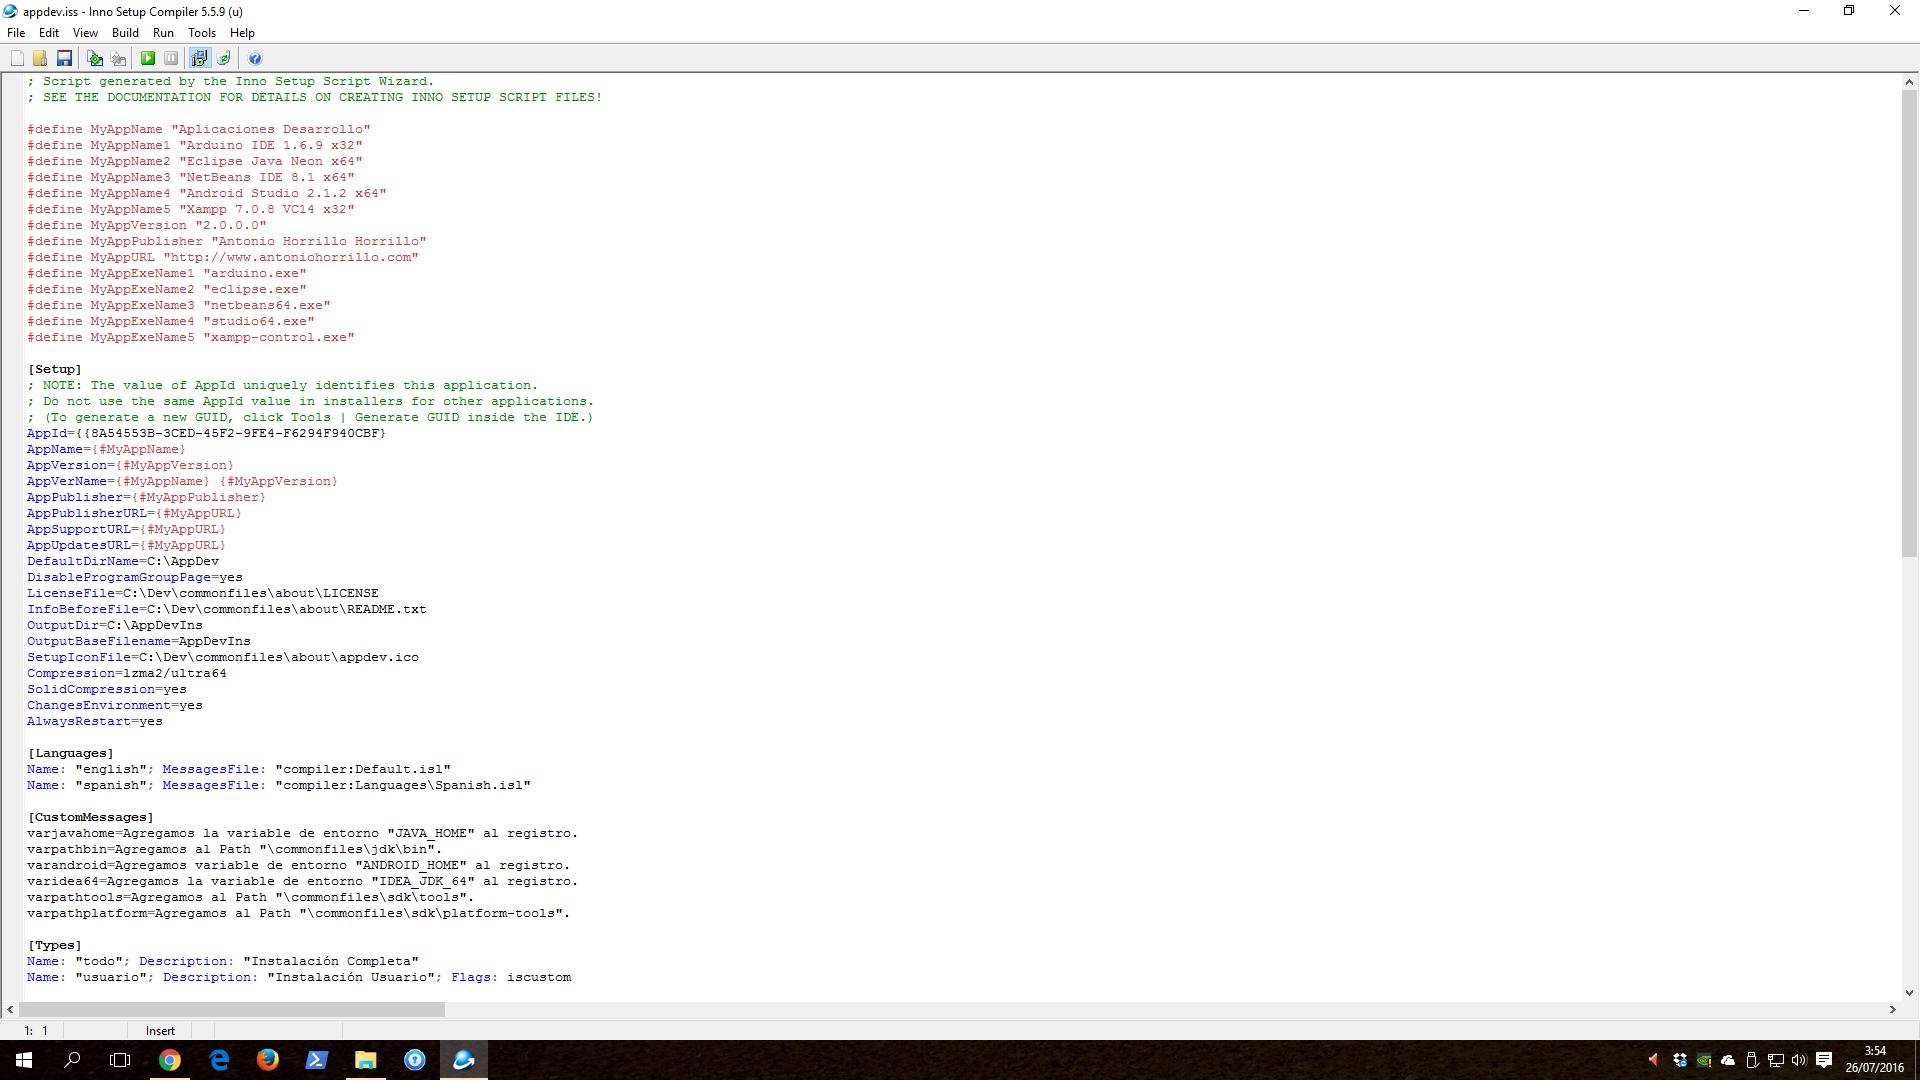 Aplicaciones de Desarrollo (AppDev).